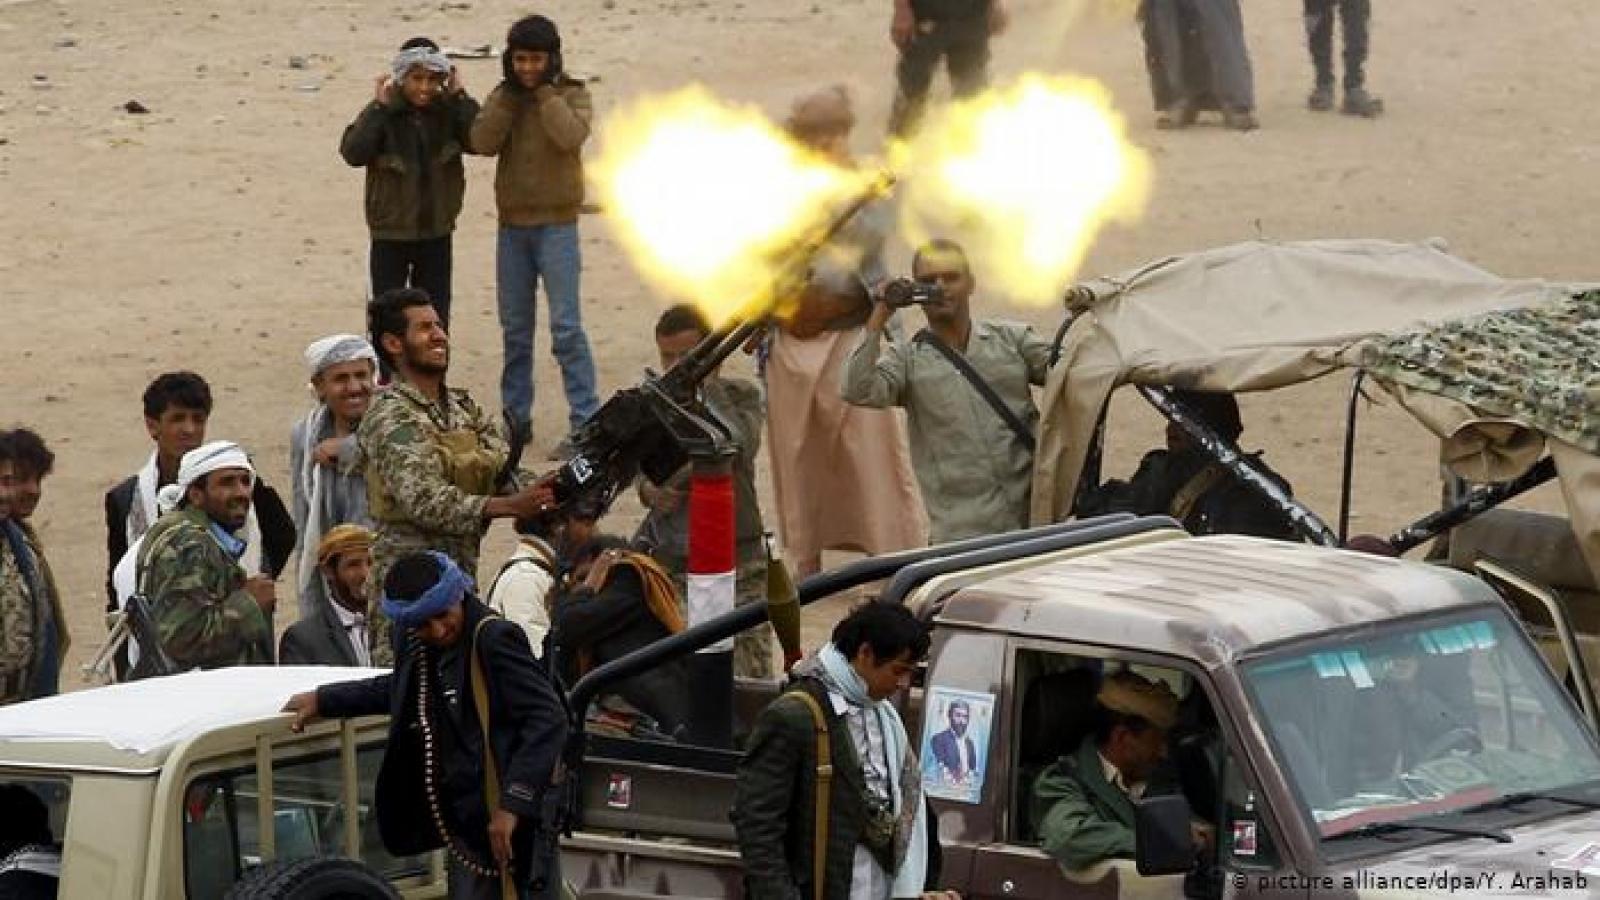 Lực lượng Houthi tấn công sân bay quốc tế Abha của Saudi Arabia